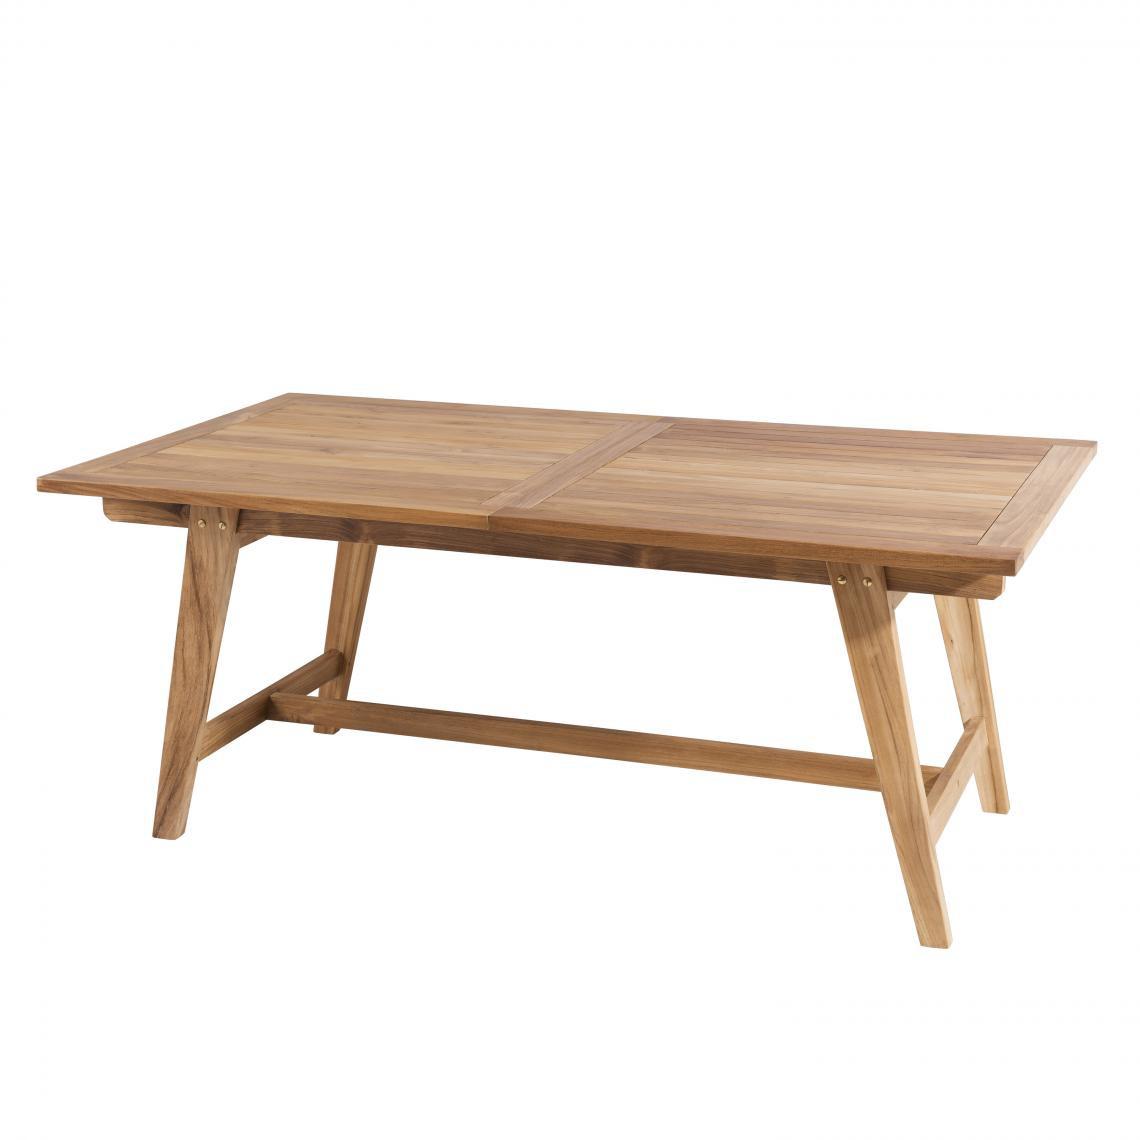 table de jardin 8 10 personnes rectangulaire scandi extensible 180 240x100 cm en bois teck